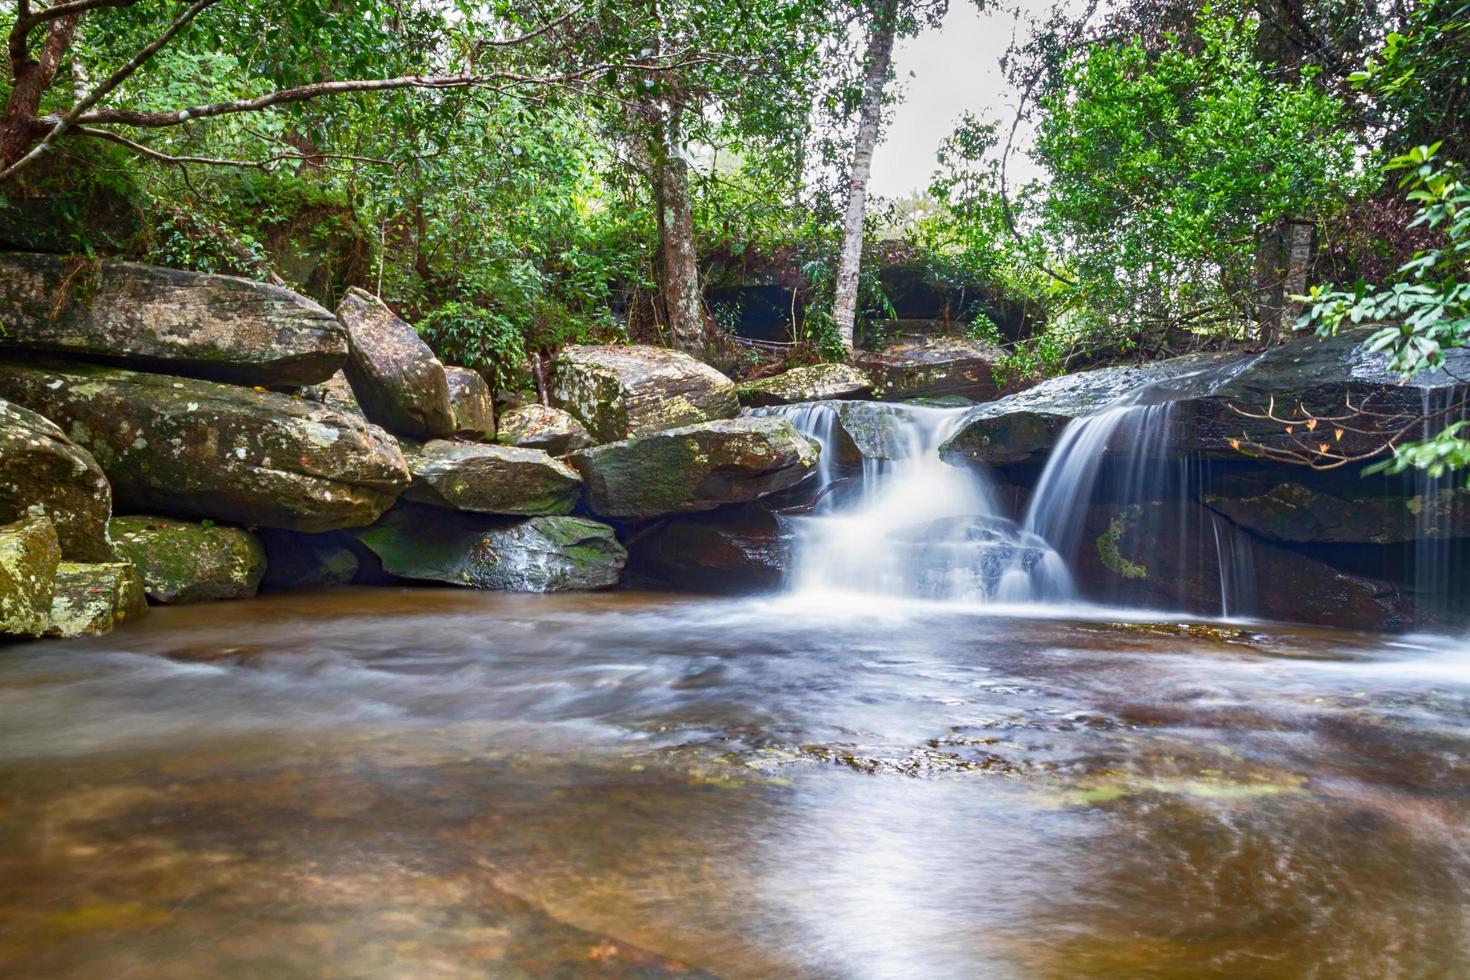 Wasserfall im tiefen Wald in Thailand foto